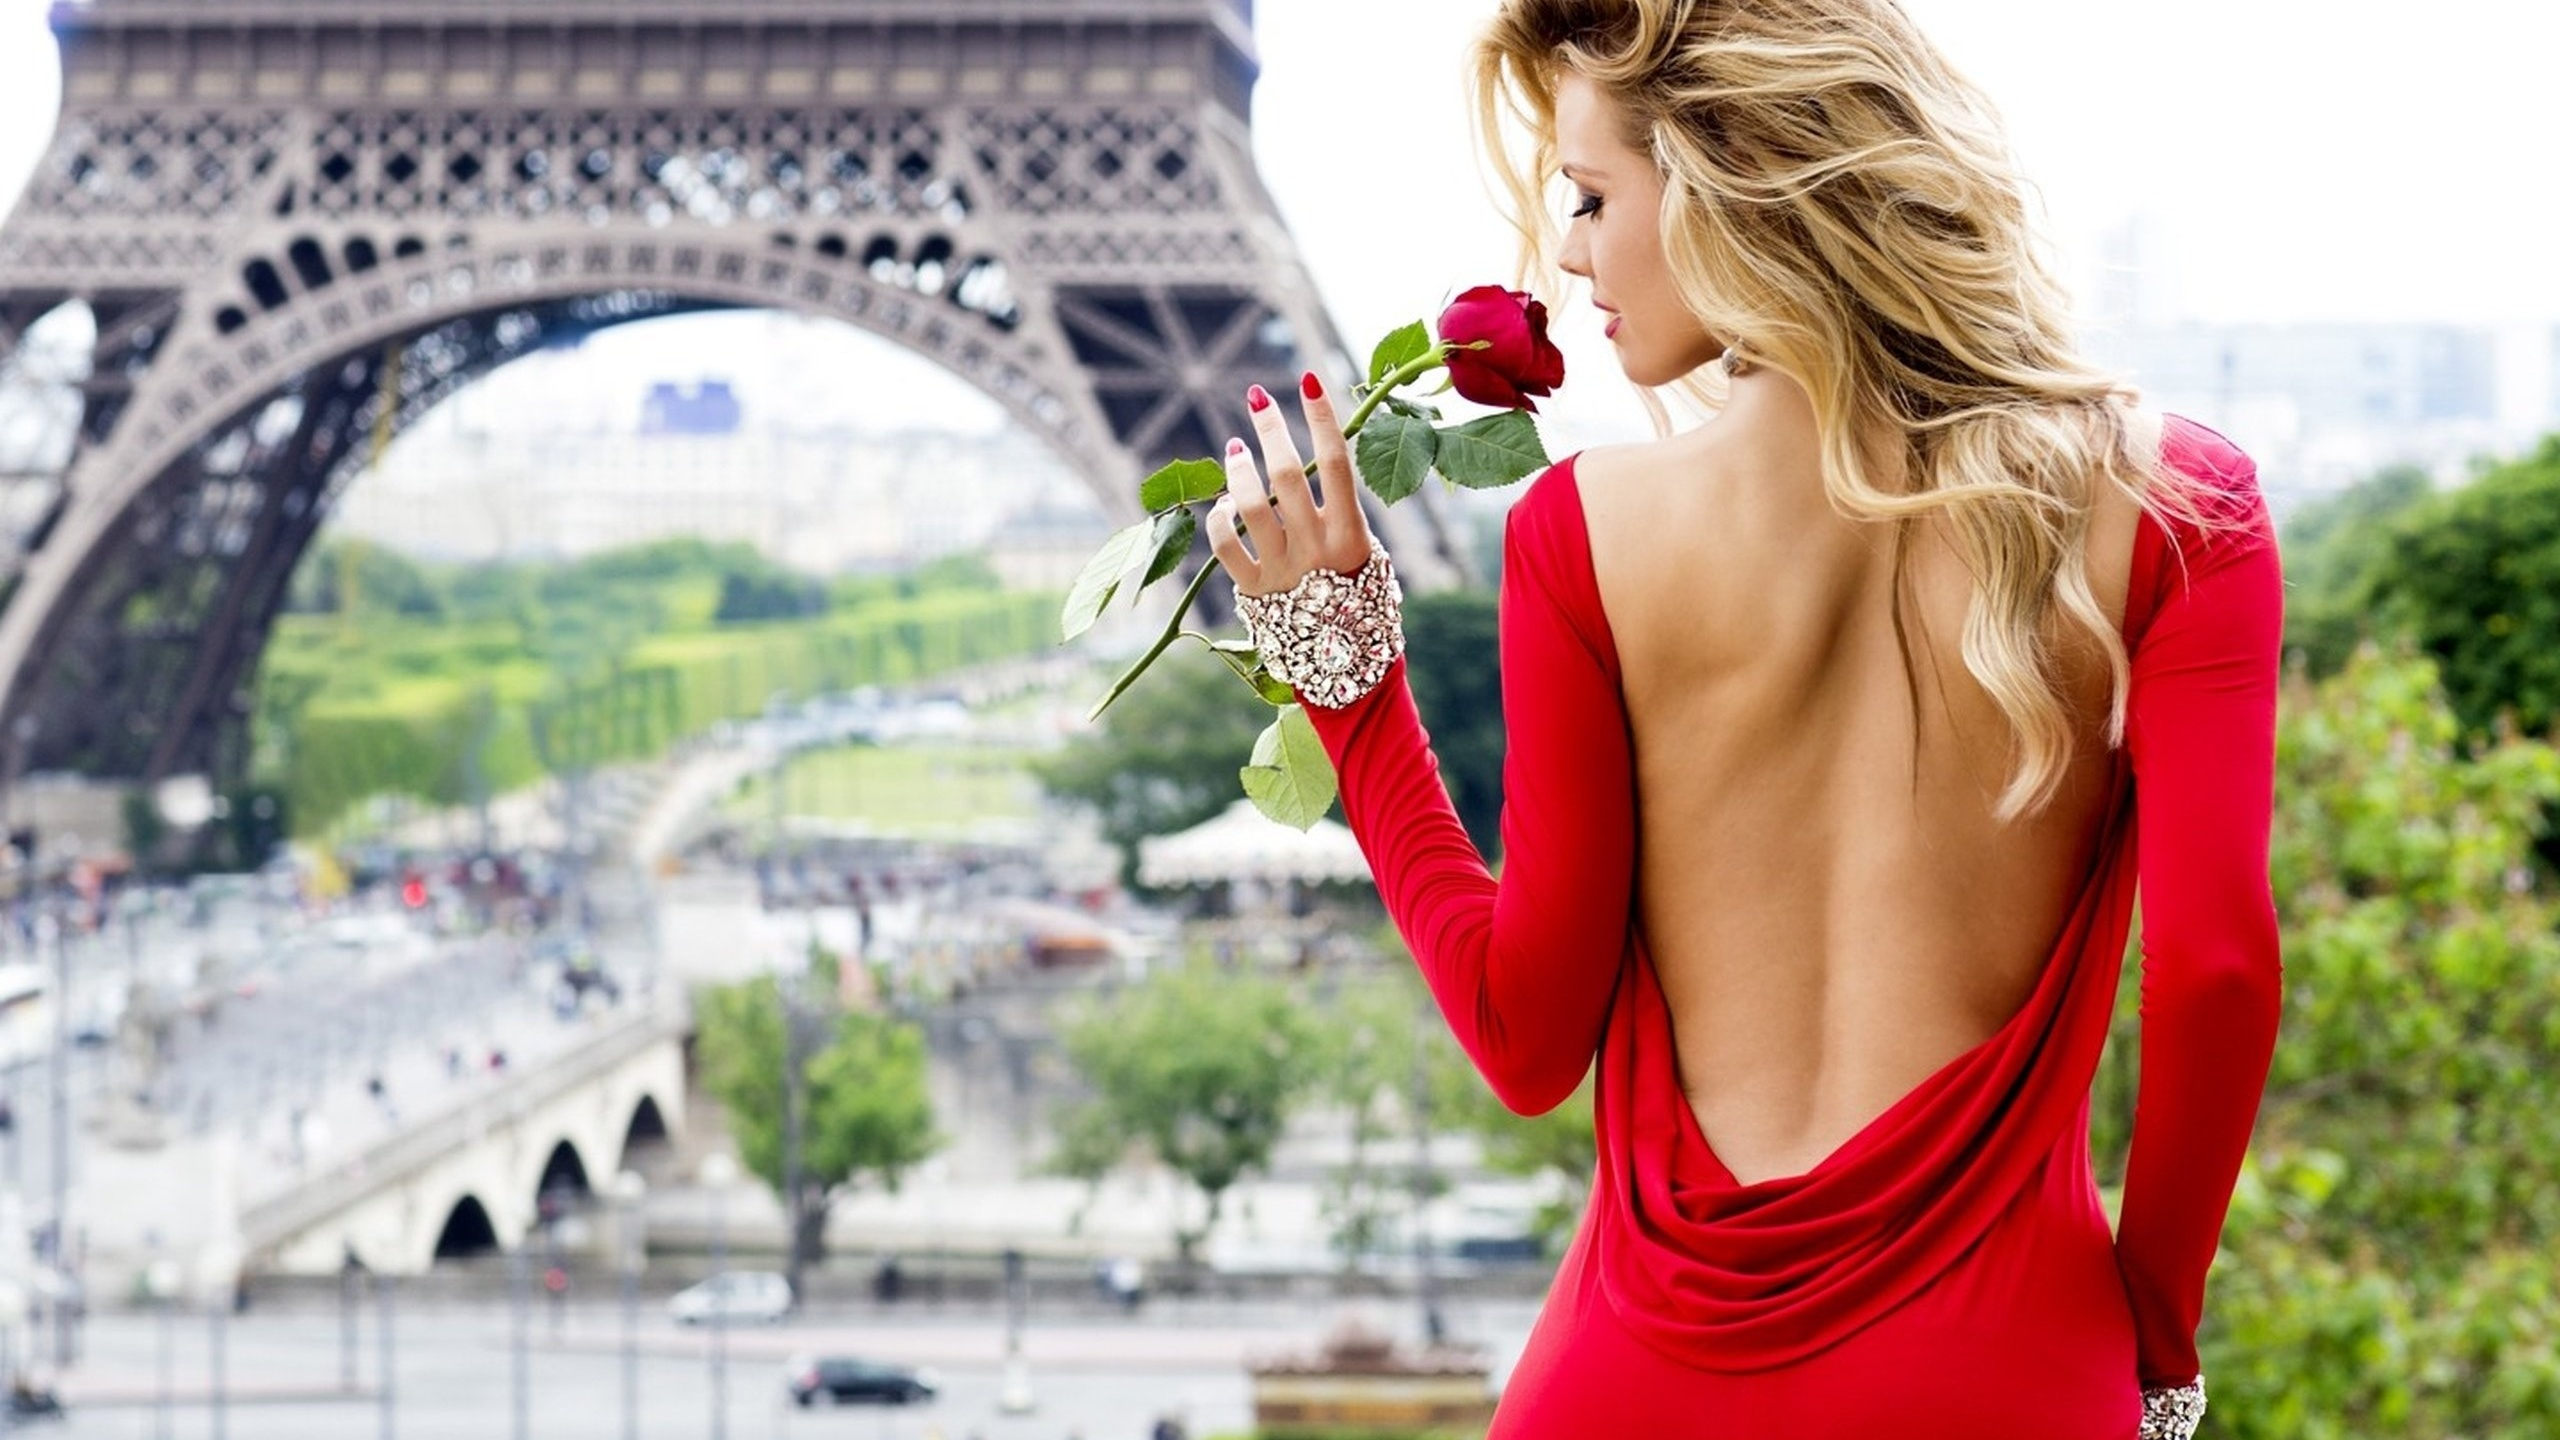 Днем рождения, самые красивые картинки с девушками в париже